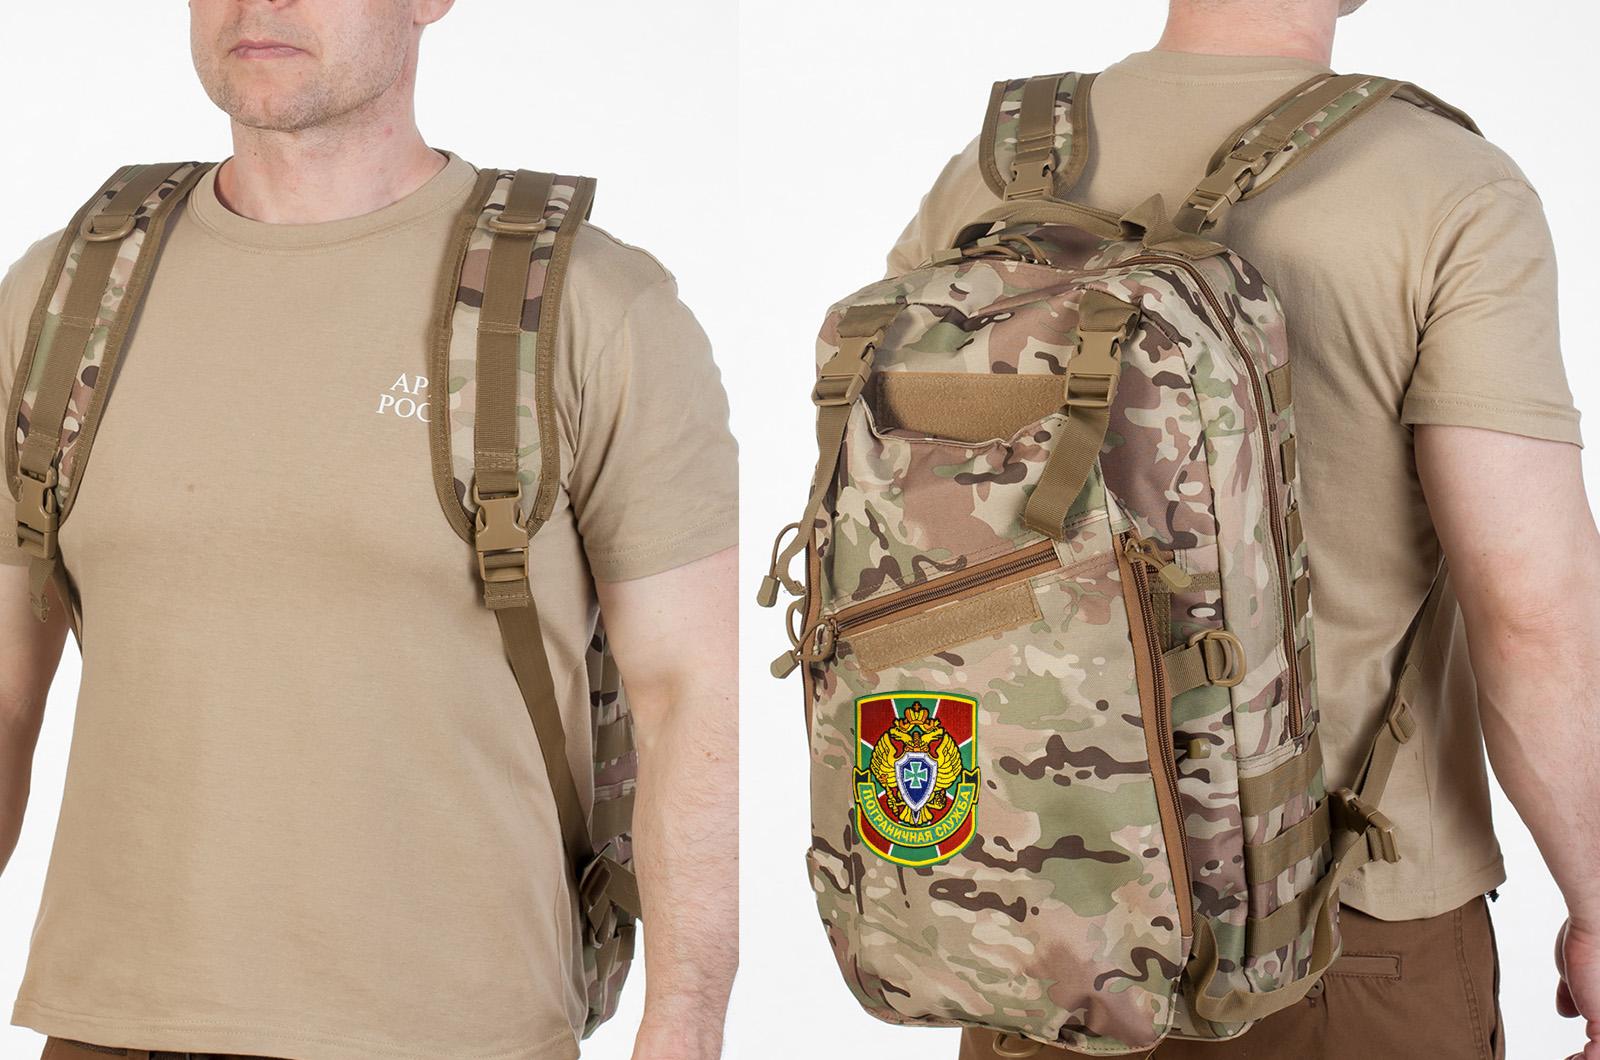 Тактический камуфляжный рюкзак Погранслужба - купить по выгодной цене